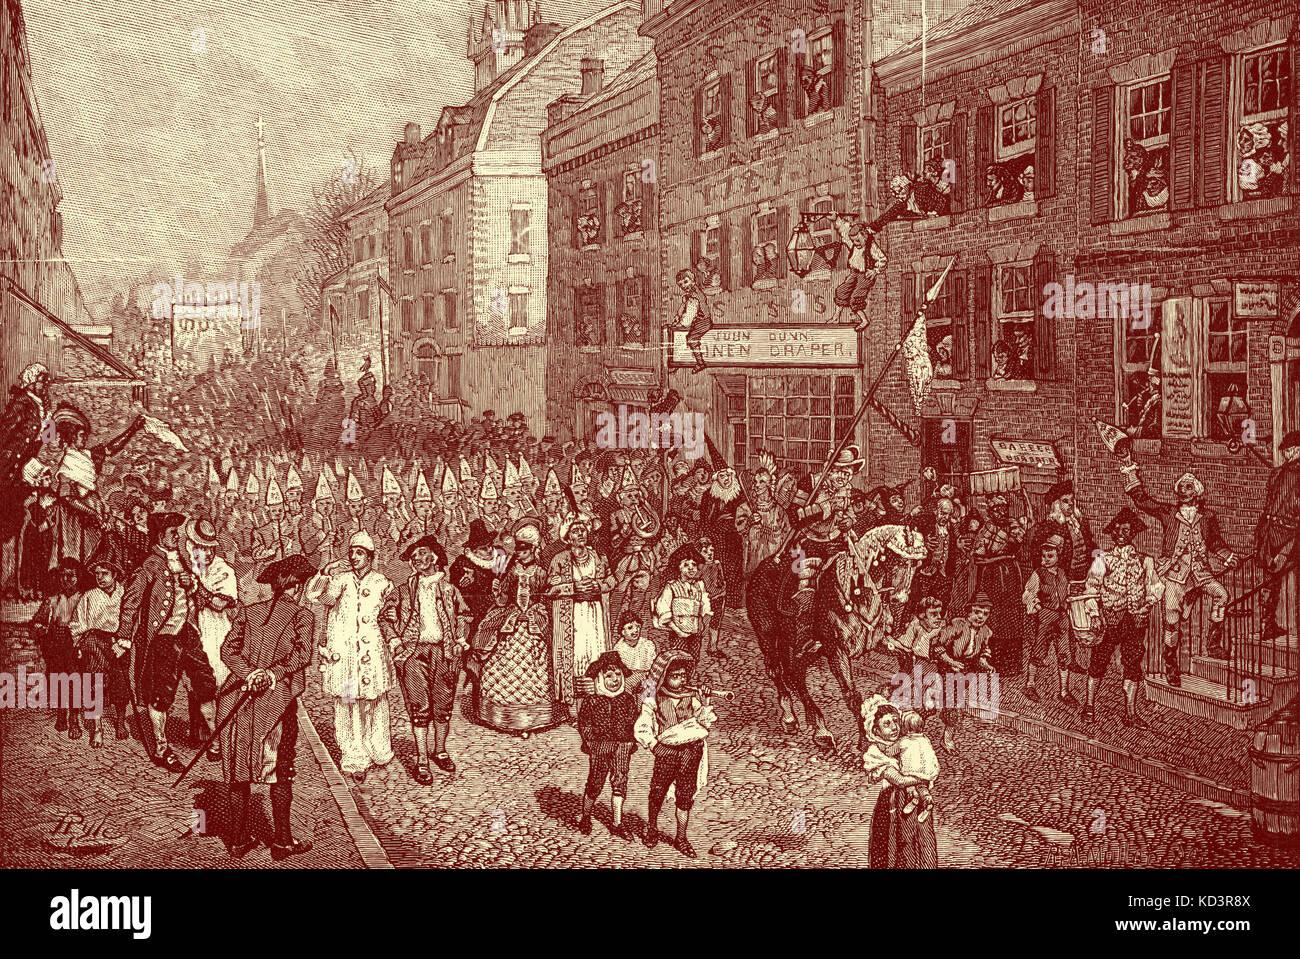 Carnaval de Lenten, Philadelphie, Amérique coloniale, 1700. Illustration de Howard Pyle, 1901 Banque D'Images